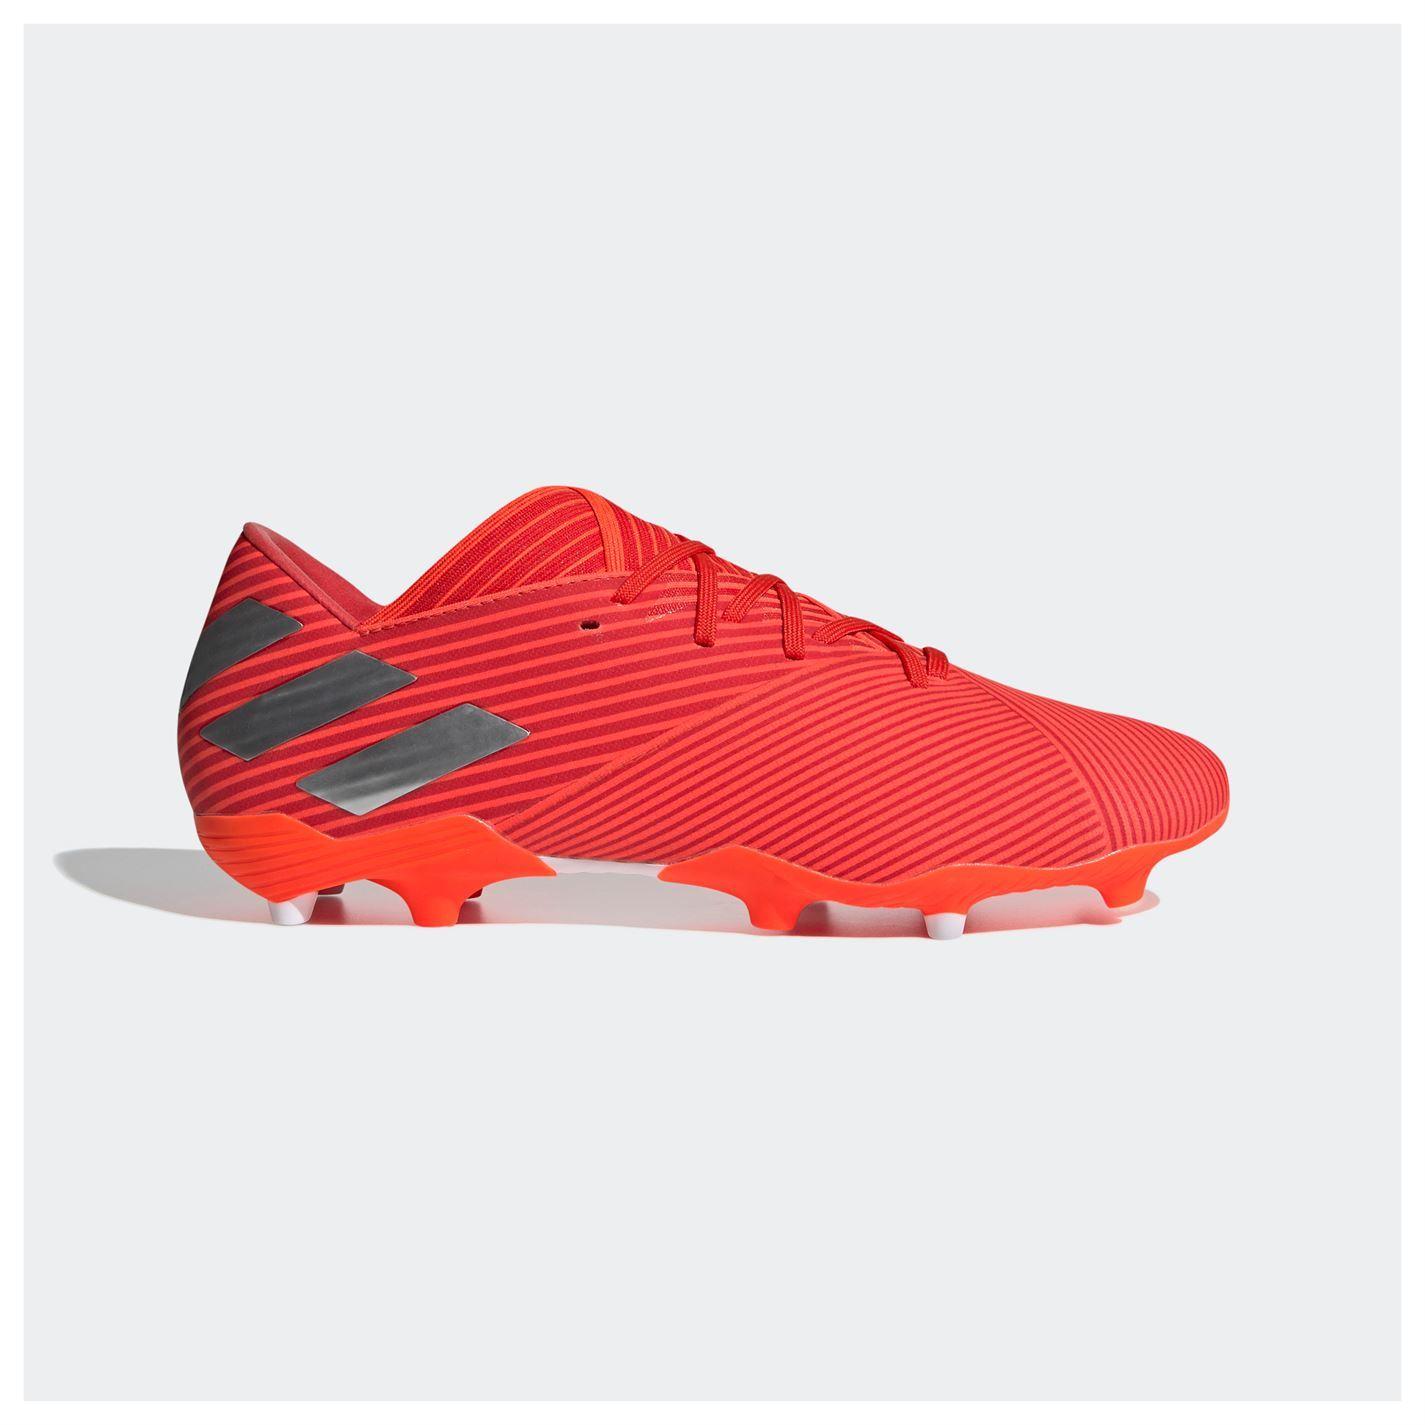 Adidas-nemeziz-19-2-Firm-Ground-FG-Chaussures-De-Football-Hommes-Soccer-Crampons-Chaussures miniature 11